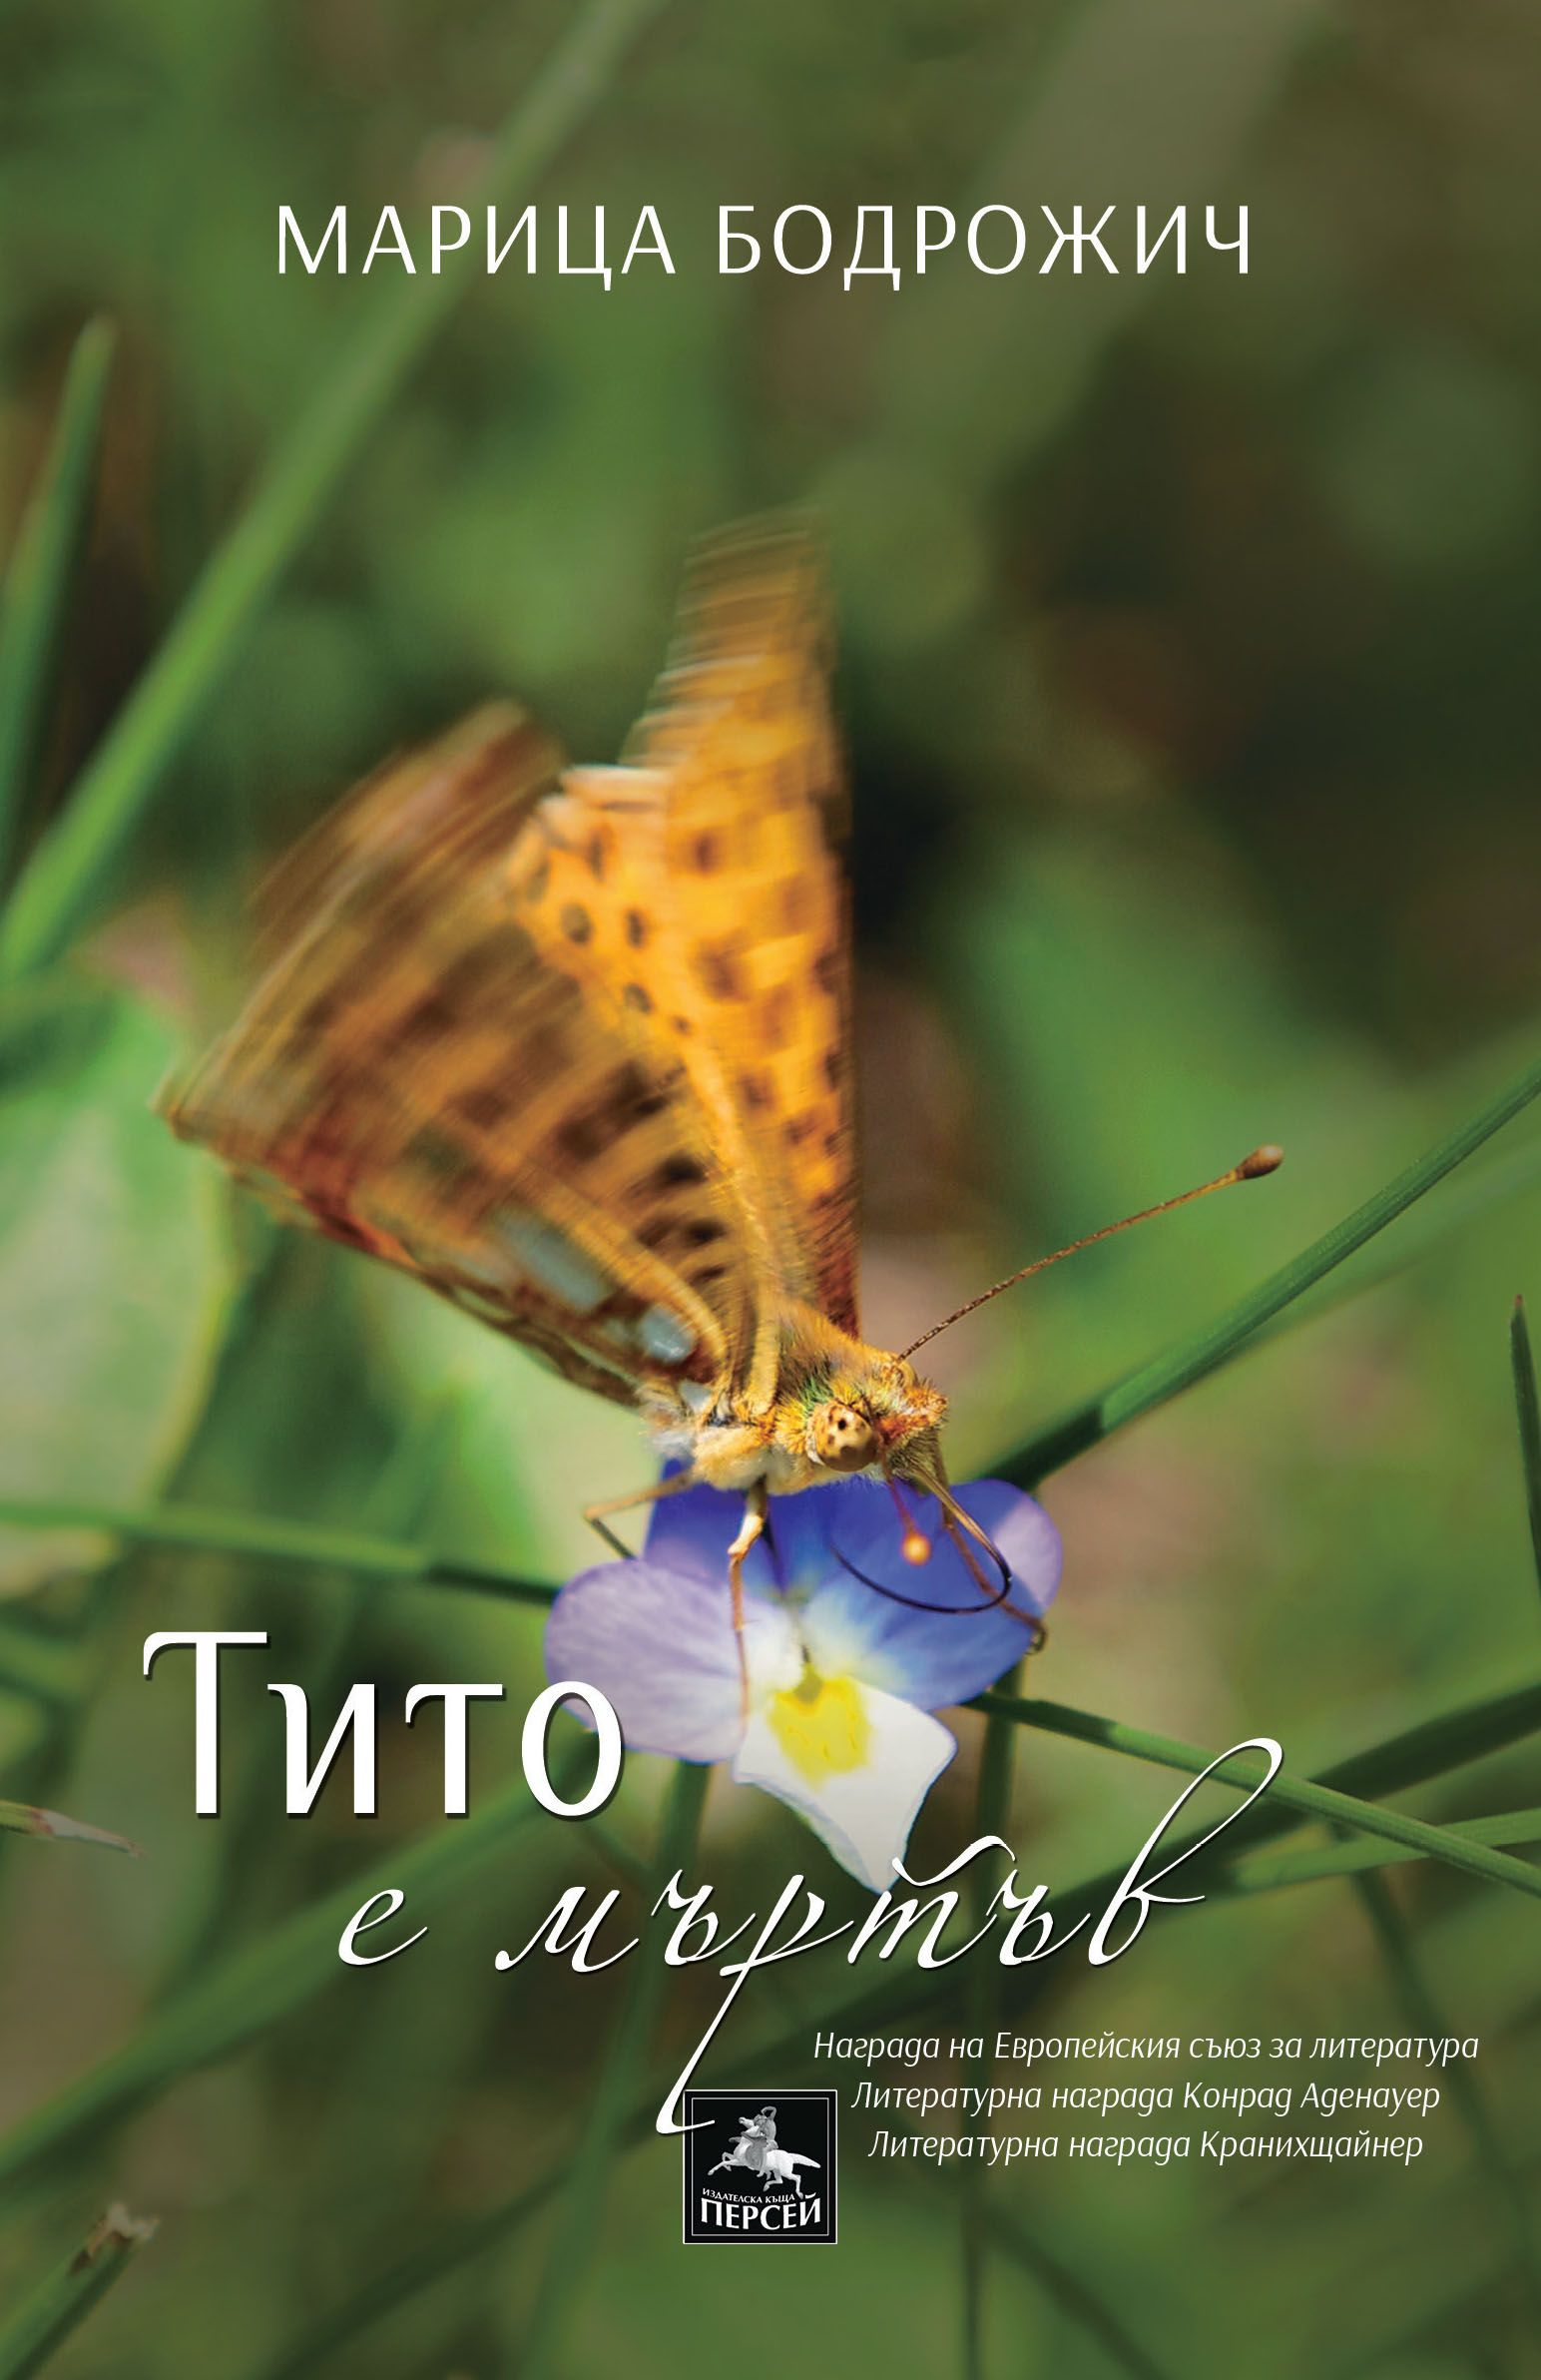 Тито е мъртъв - 1